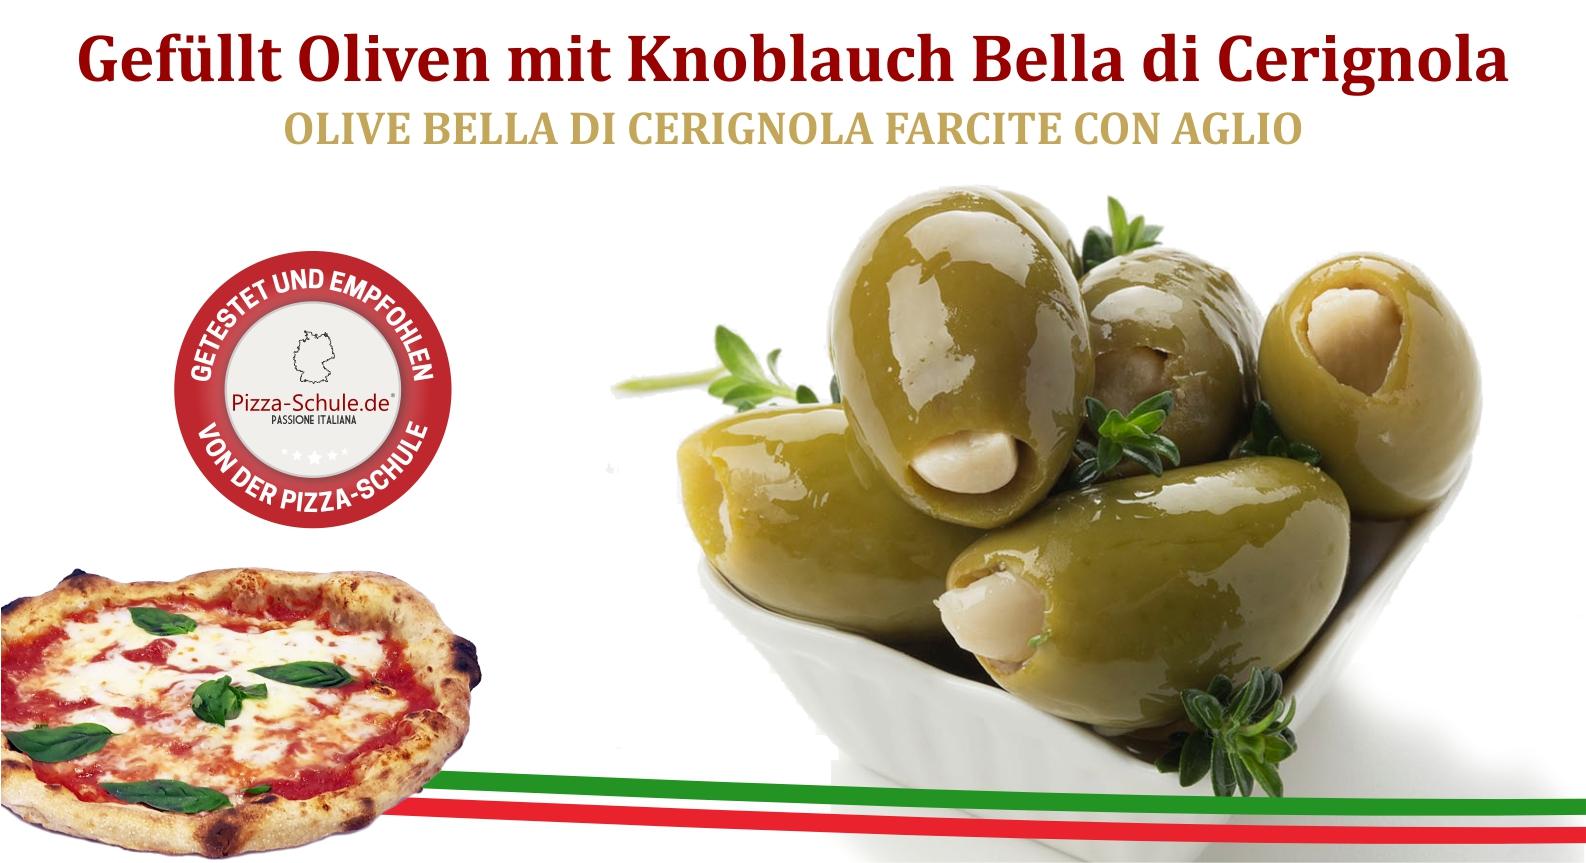 Gefüllt Oliven mit Knoblauch Bella di Cerignola